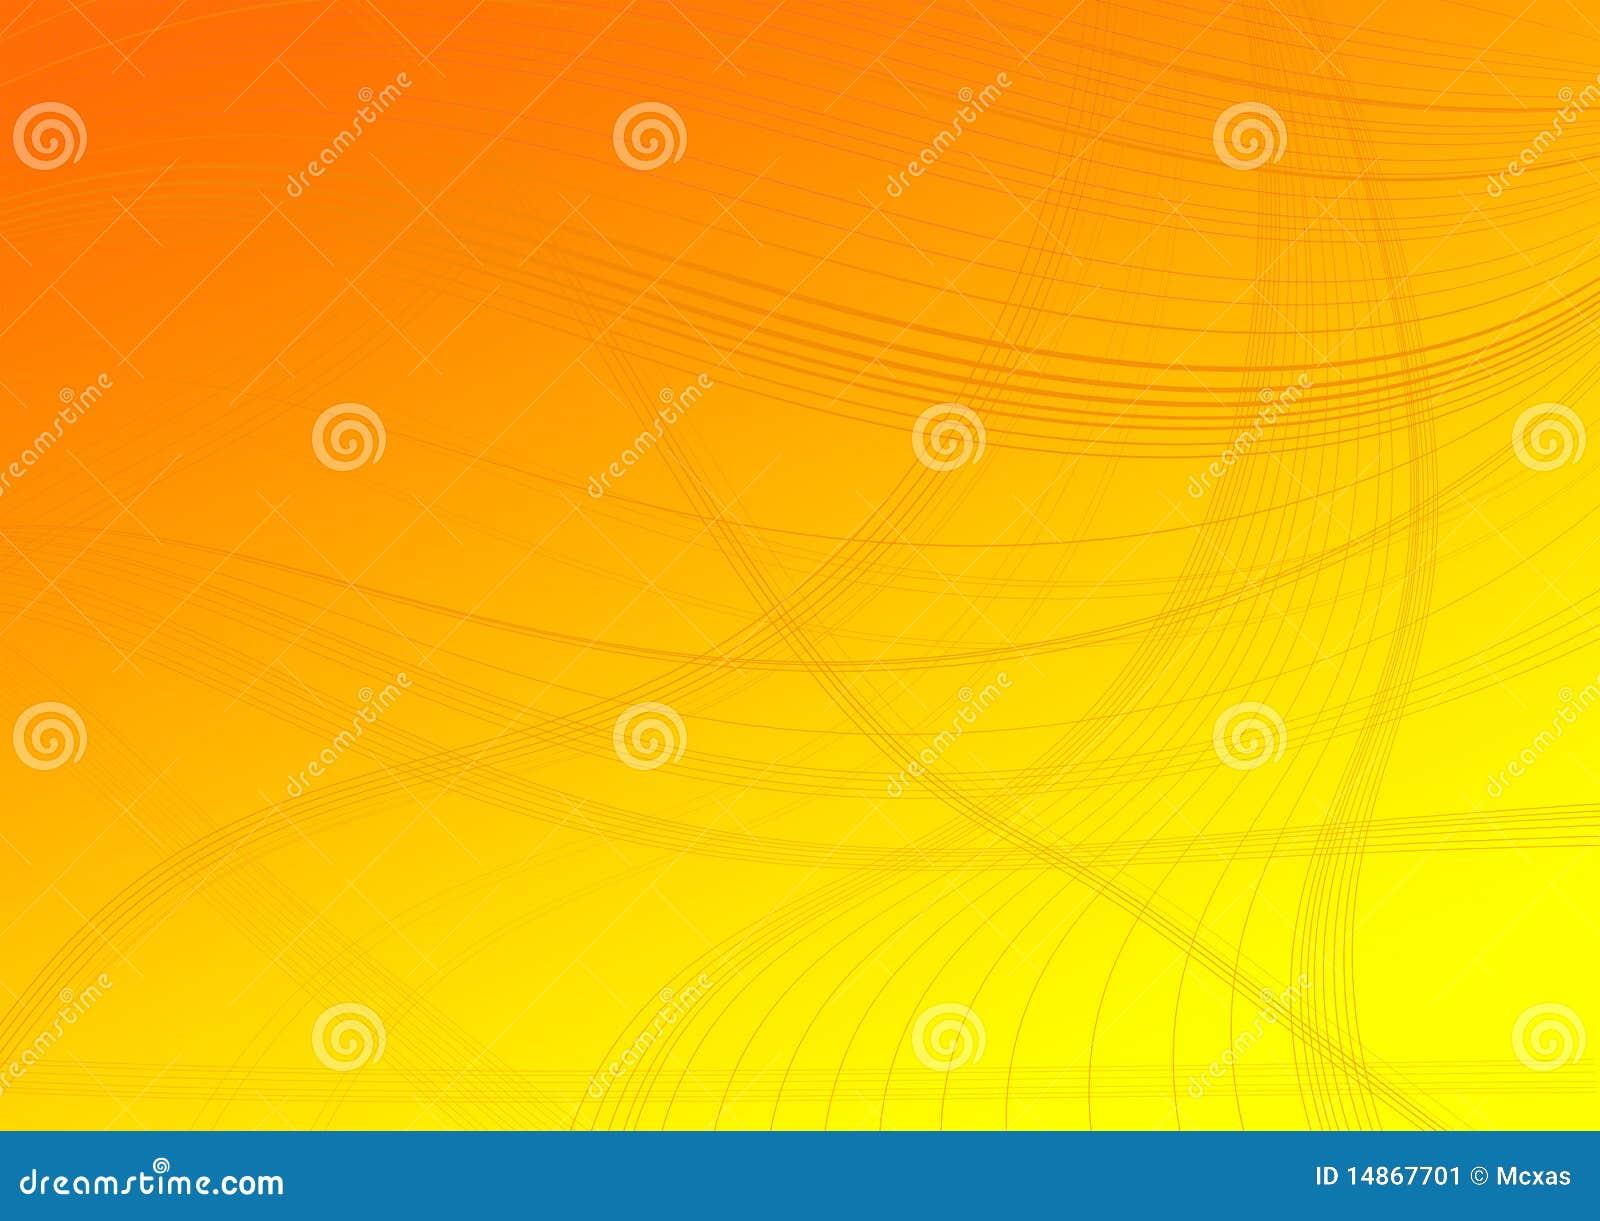 Lijnen op een oranje gedegradeerde achtergrond